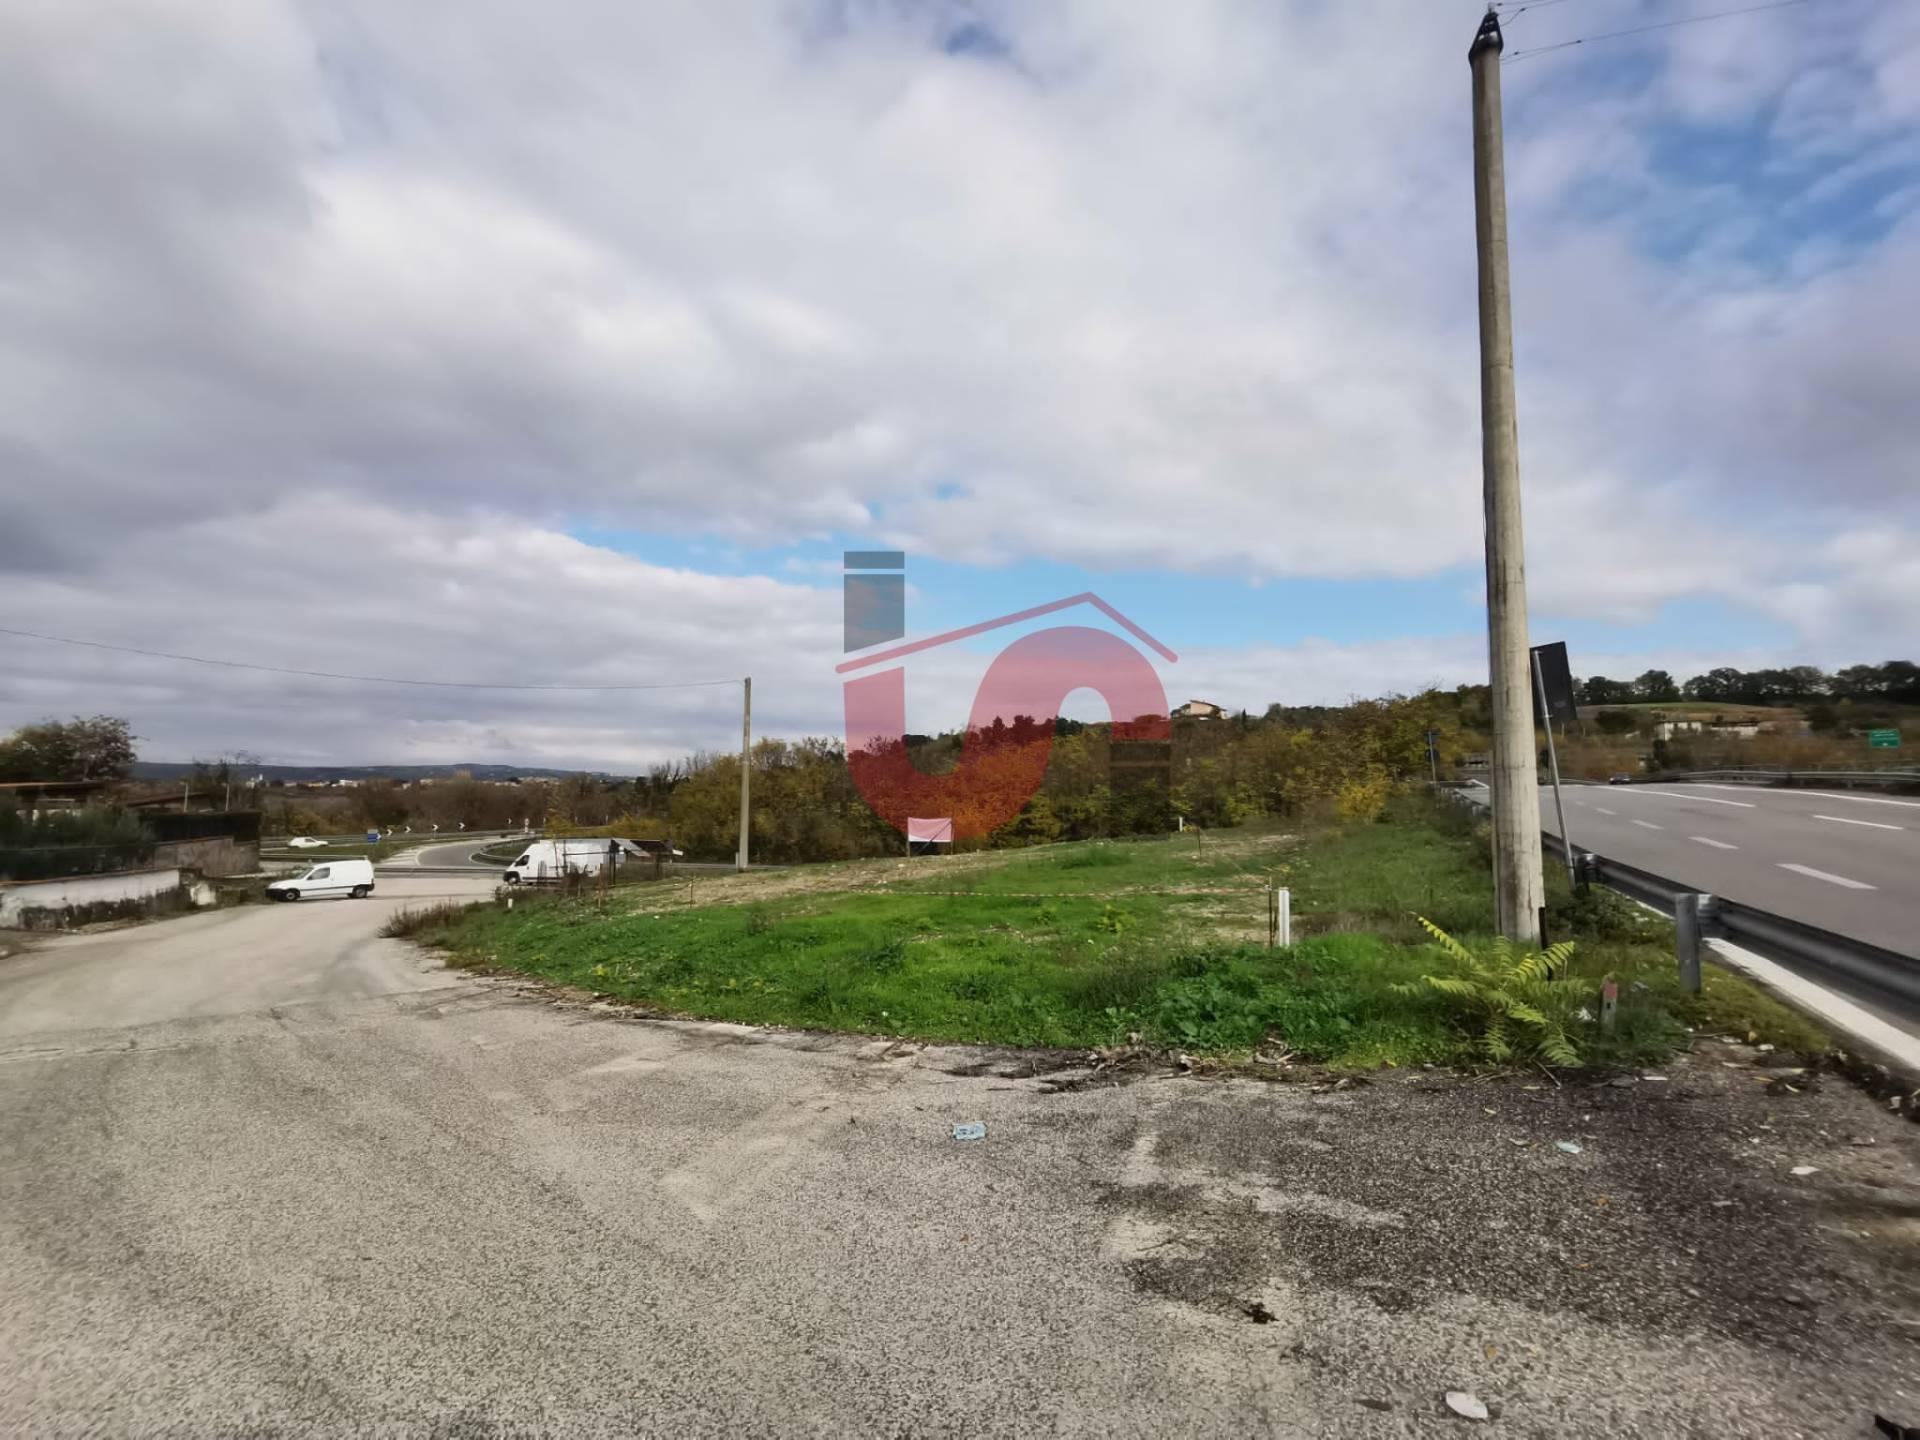 Terreno Agricolo in affitto a Benevento, 9999 locali, zona Località: CONTRADE, prezzo € 1.000 | CambioCasa.it